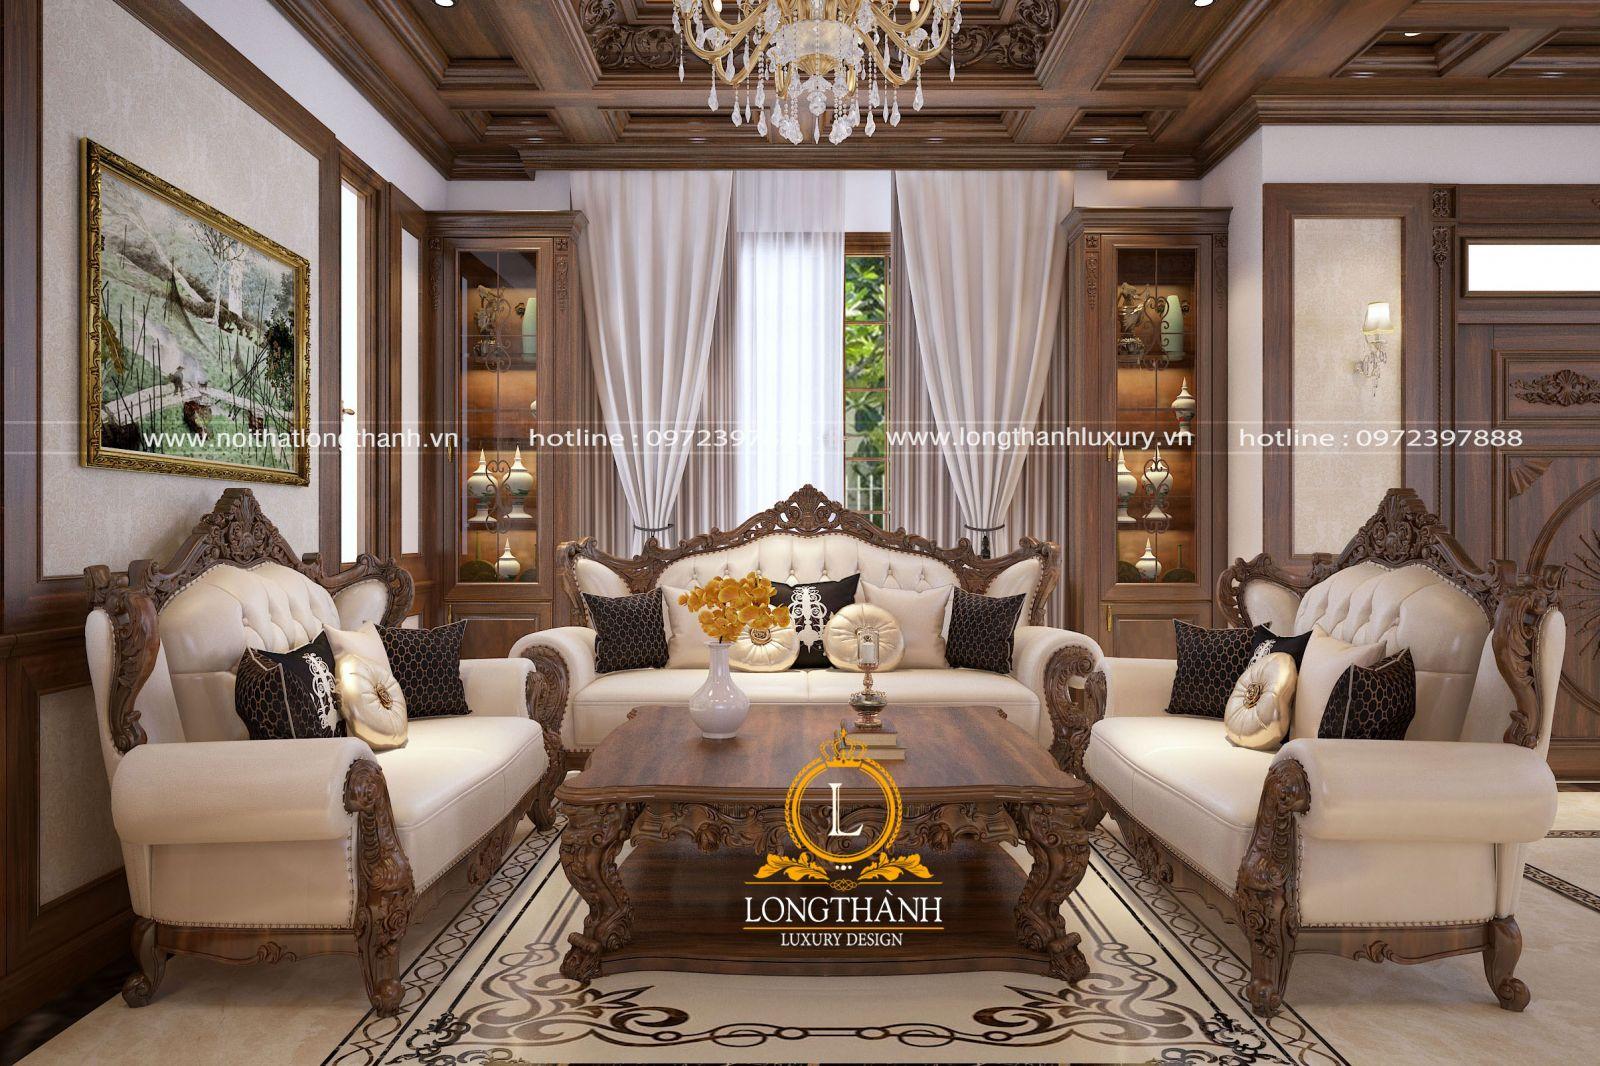 Bộ sofa bọc da được thiết  kế với dấu ấn tân cổ điển